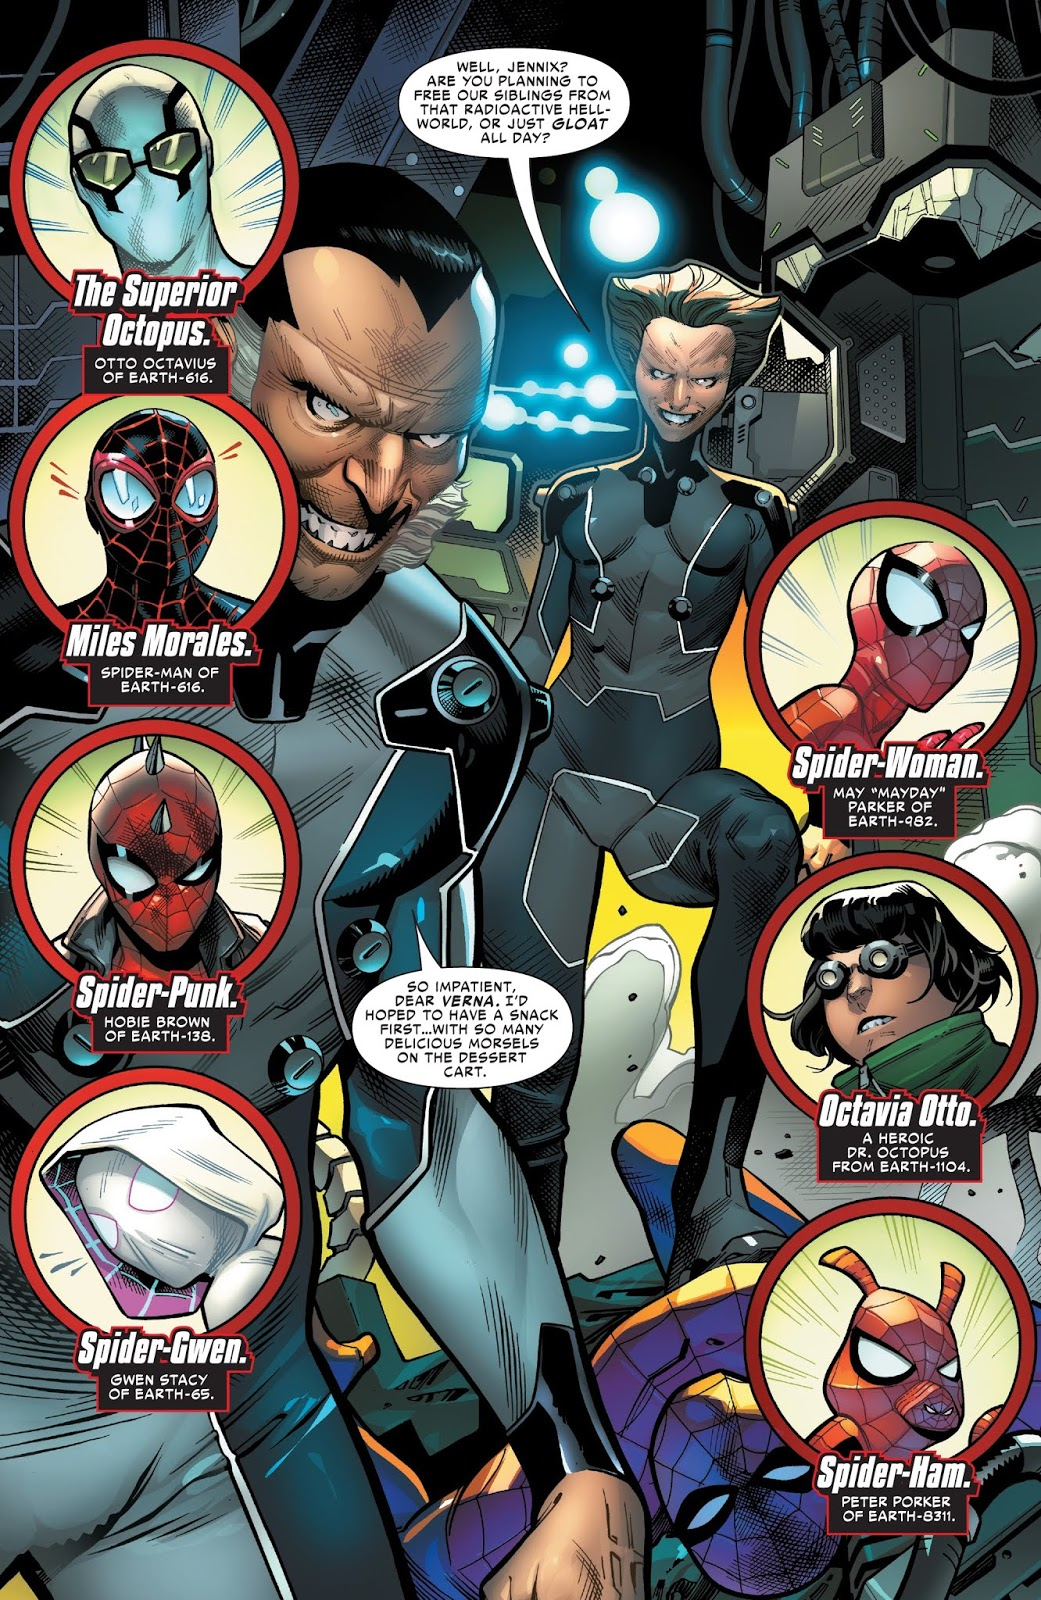 The Inheritors (Spider-Geddon #2)